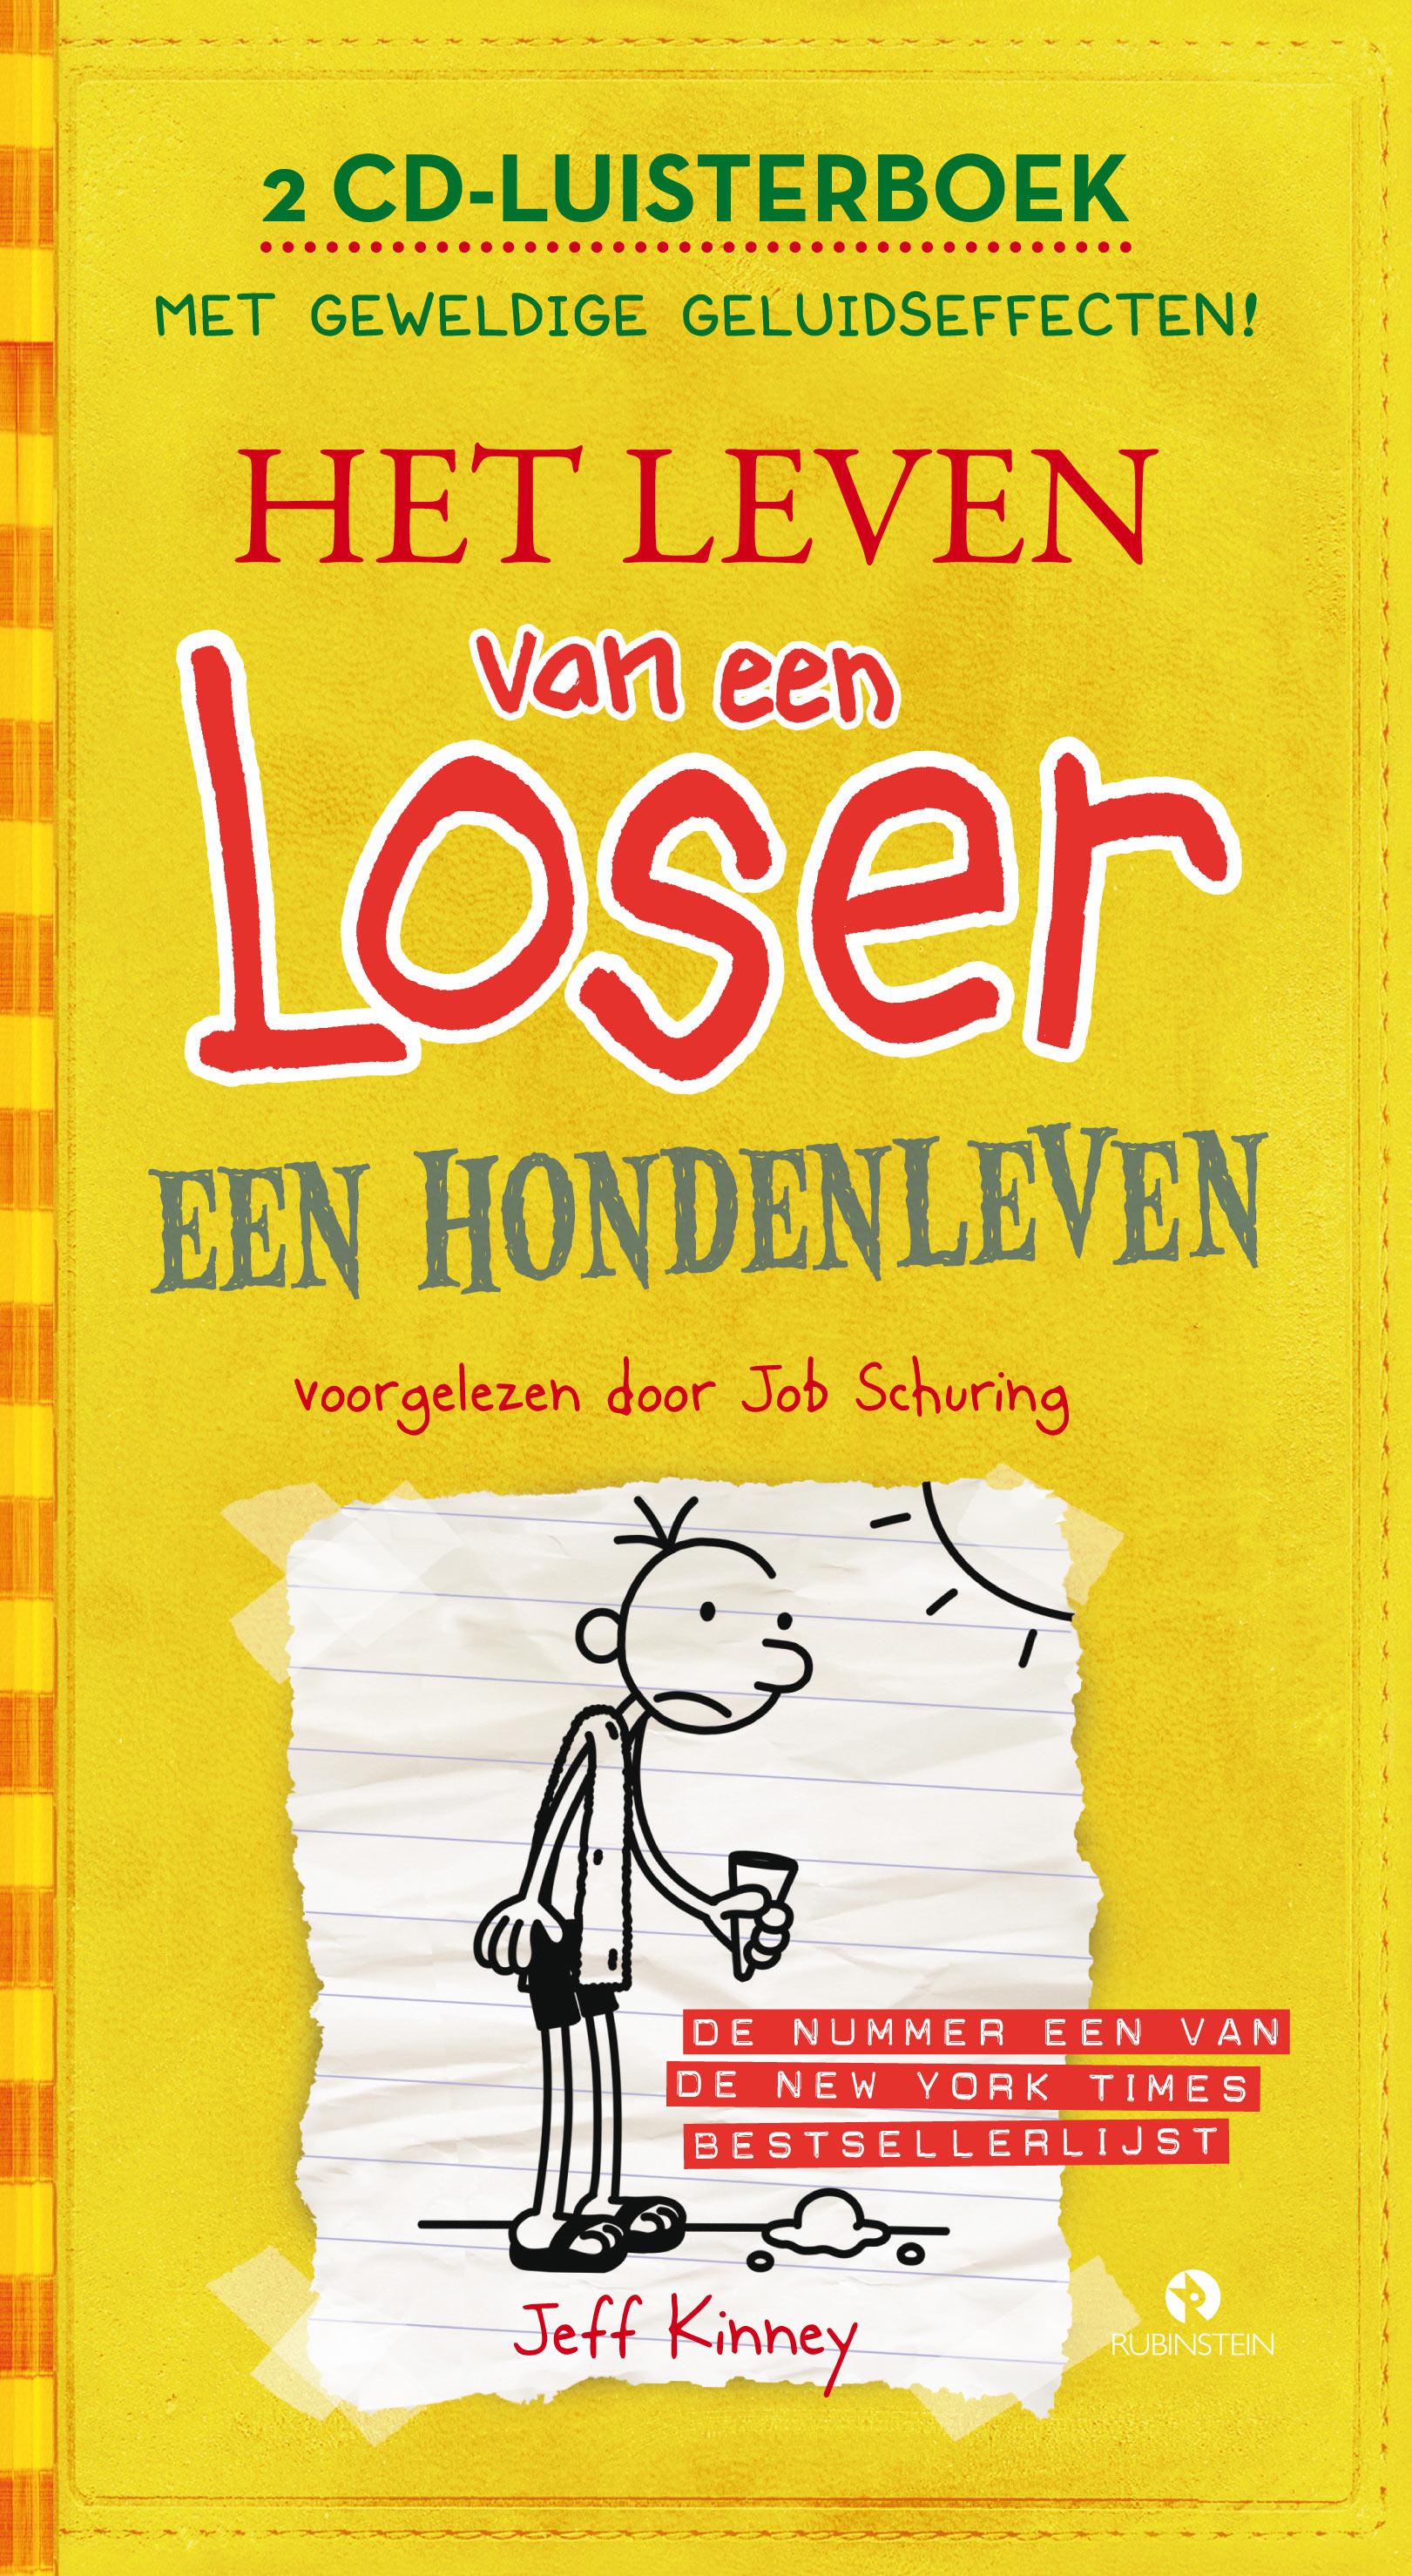 Leven van een Loser: een hondenleven luisterboek, het Book Cover